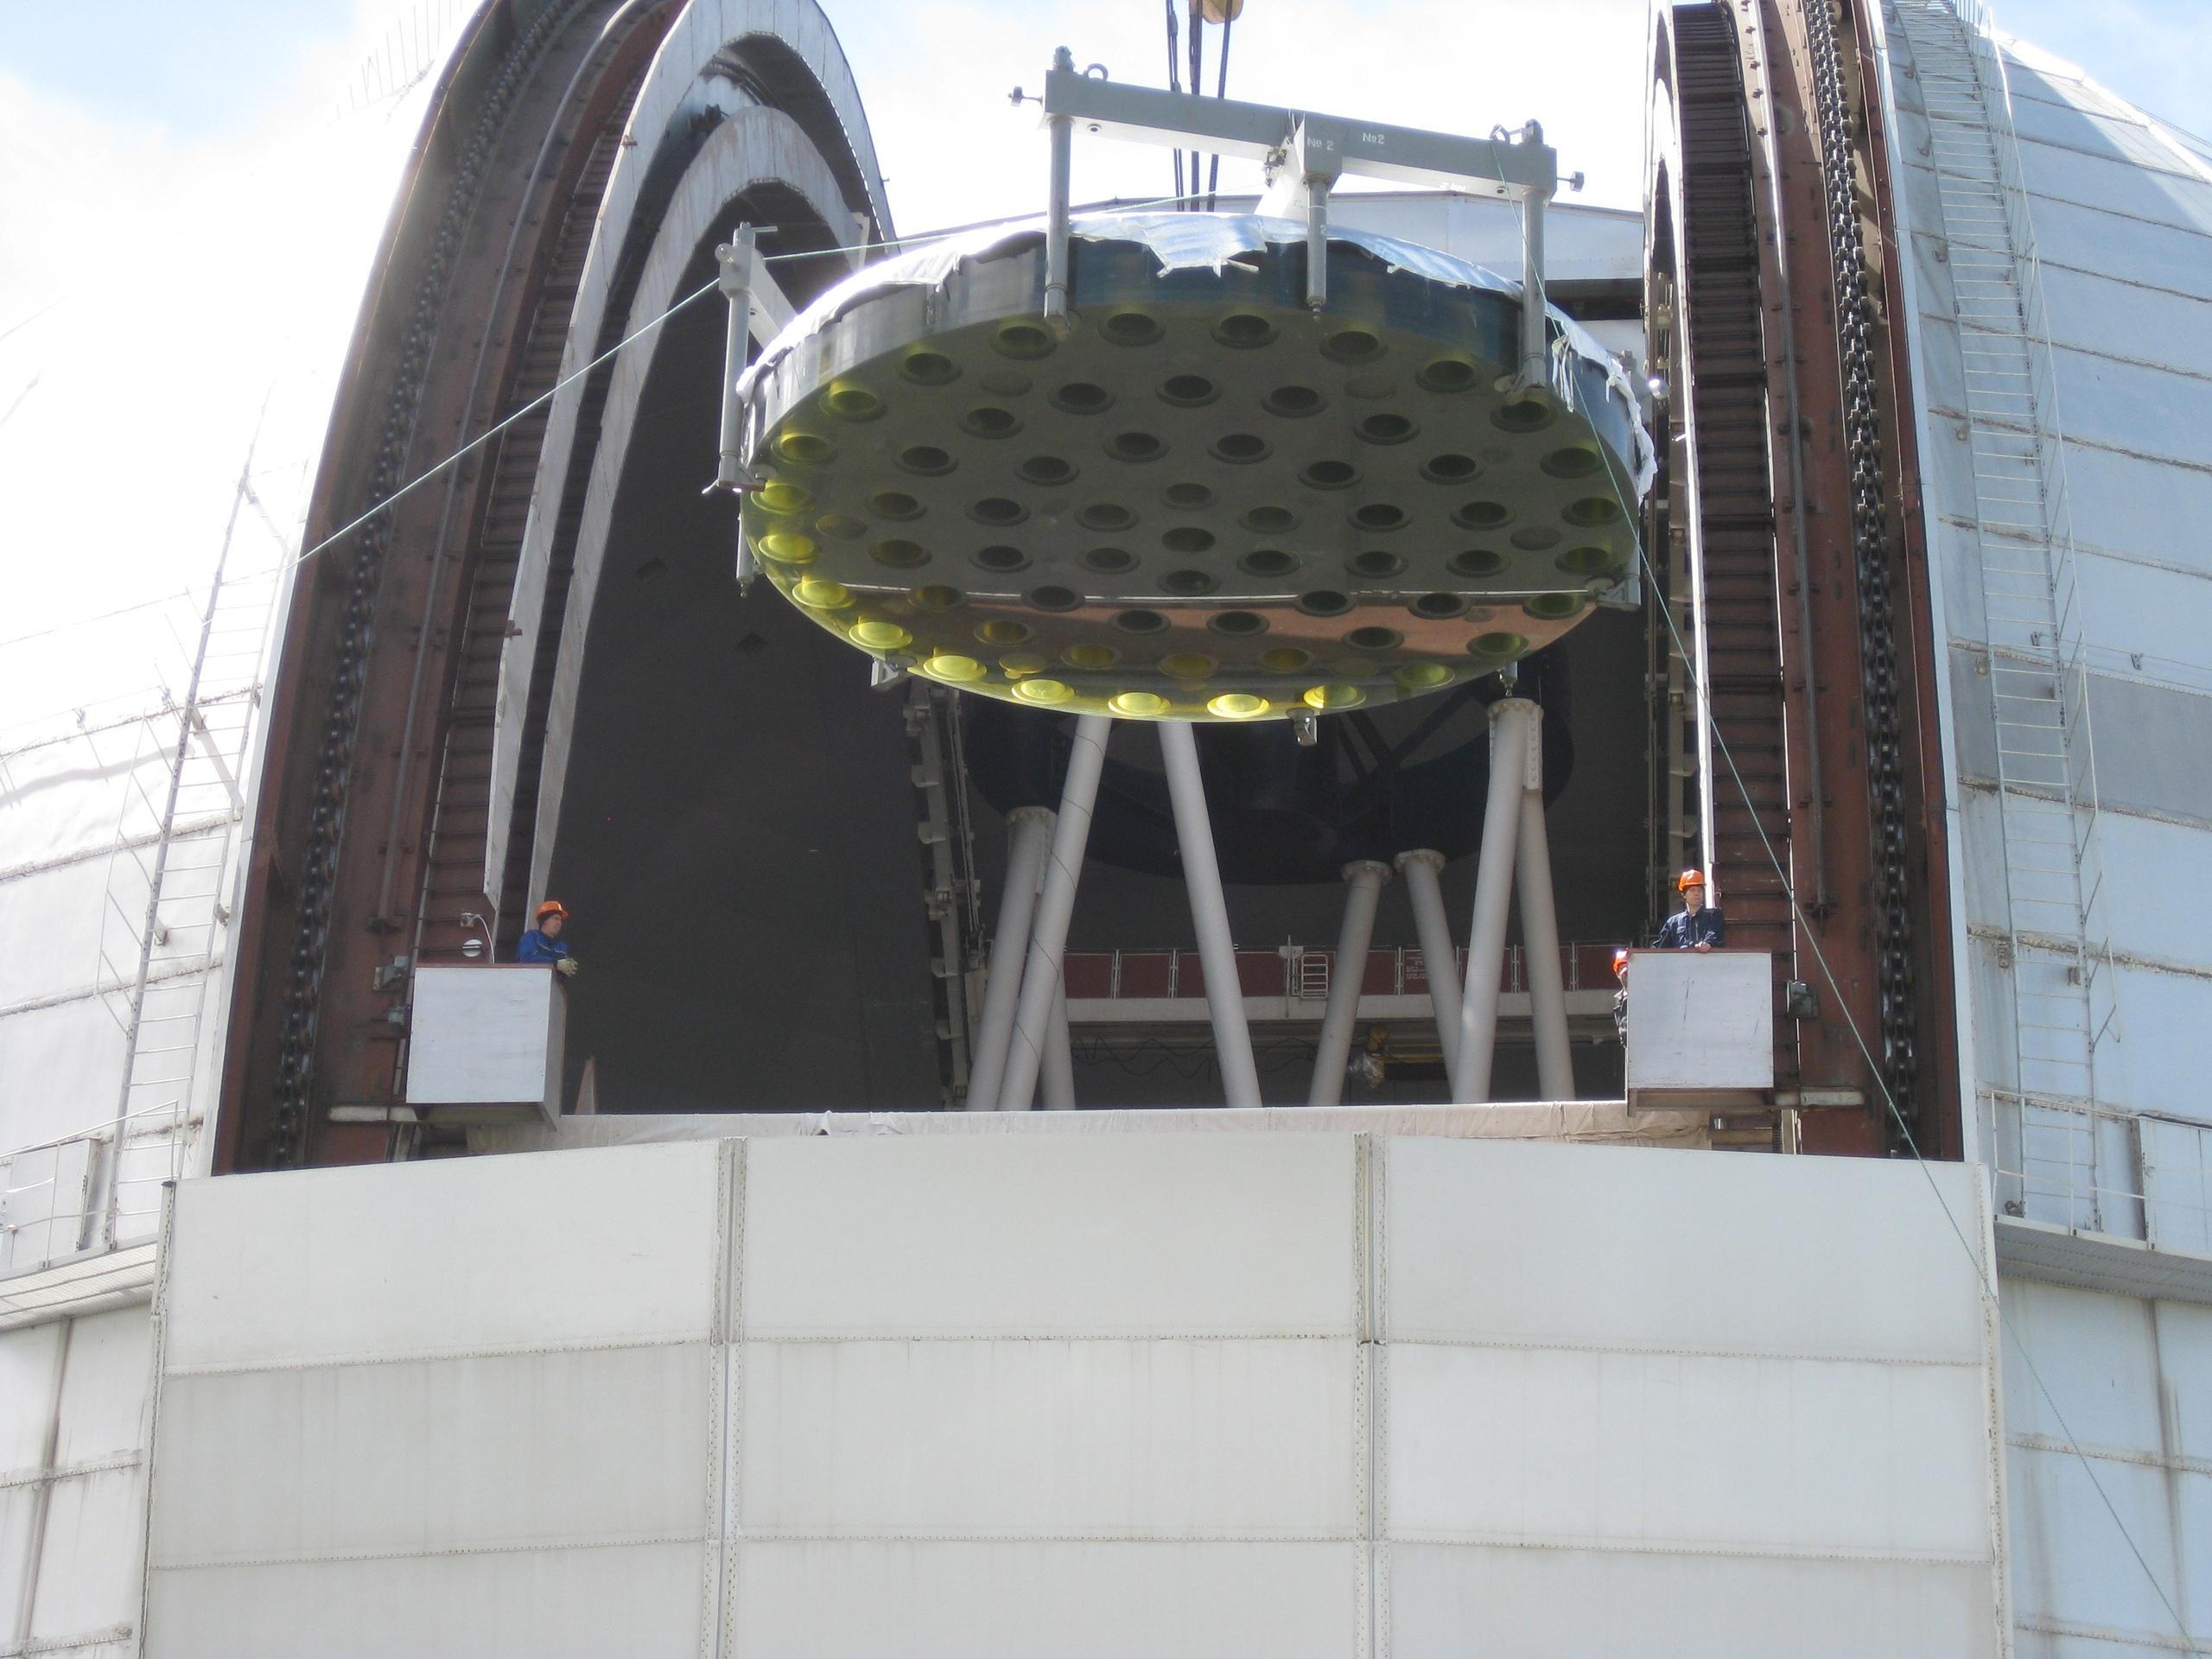 В Нижнем Архызе приступили к тестированию обновленного зеркала БТА